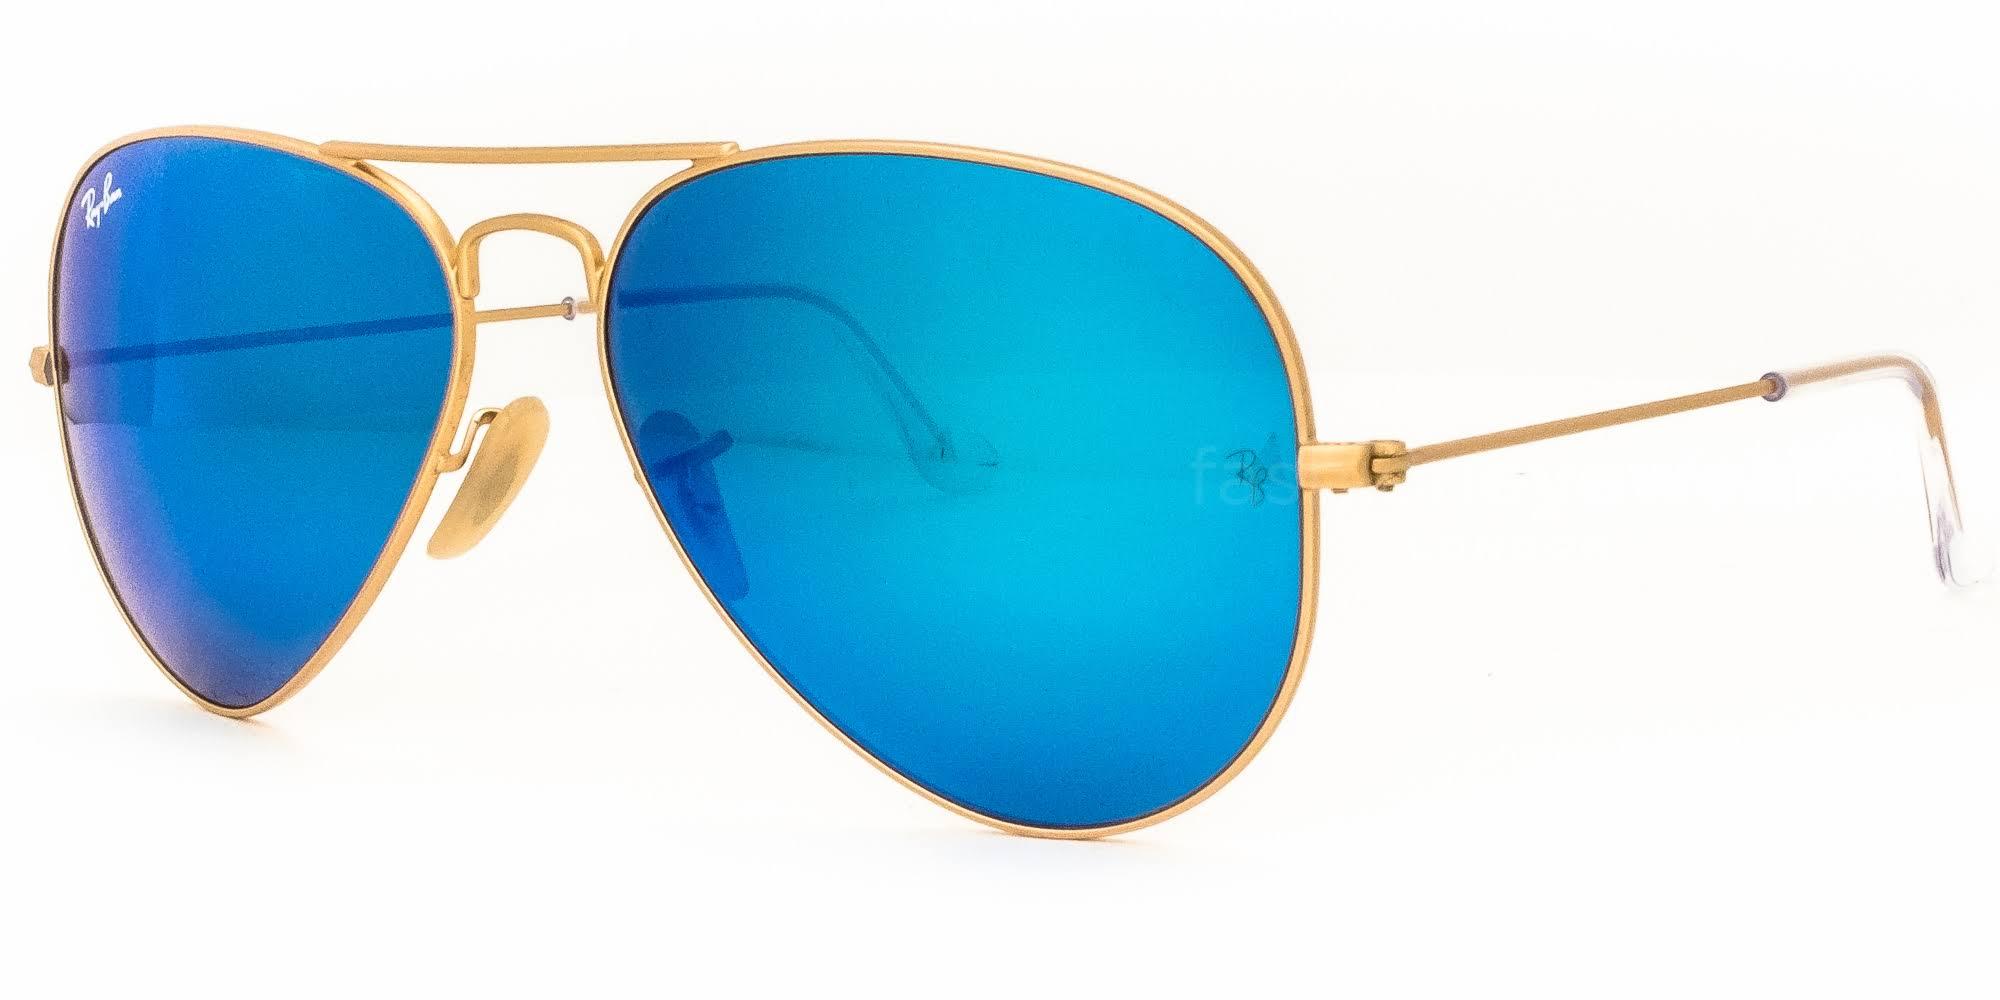 oro blu Rb3025 aviatoreMontatura da 58mm da in Ray opacoLente 17 Occhiali 112 ban flash sole gyI6f7vmYb